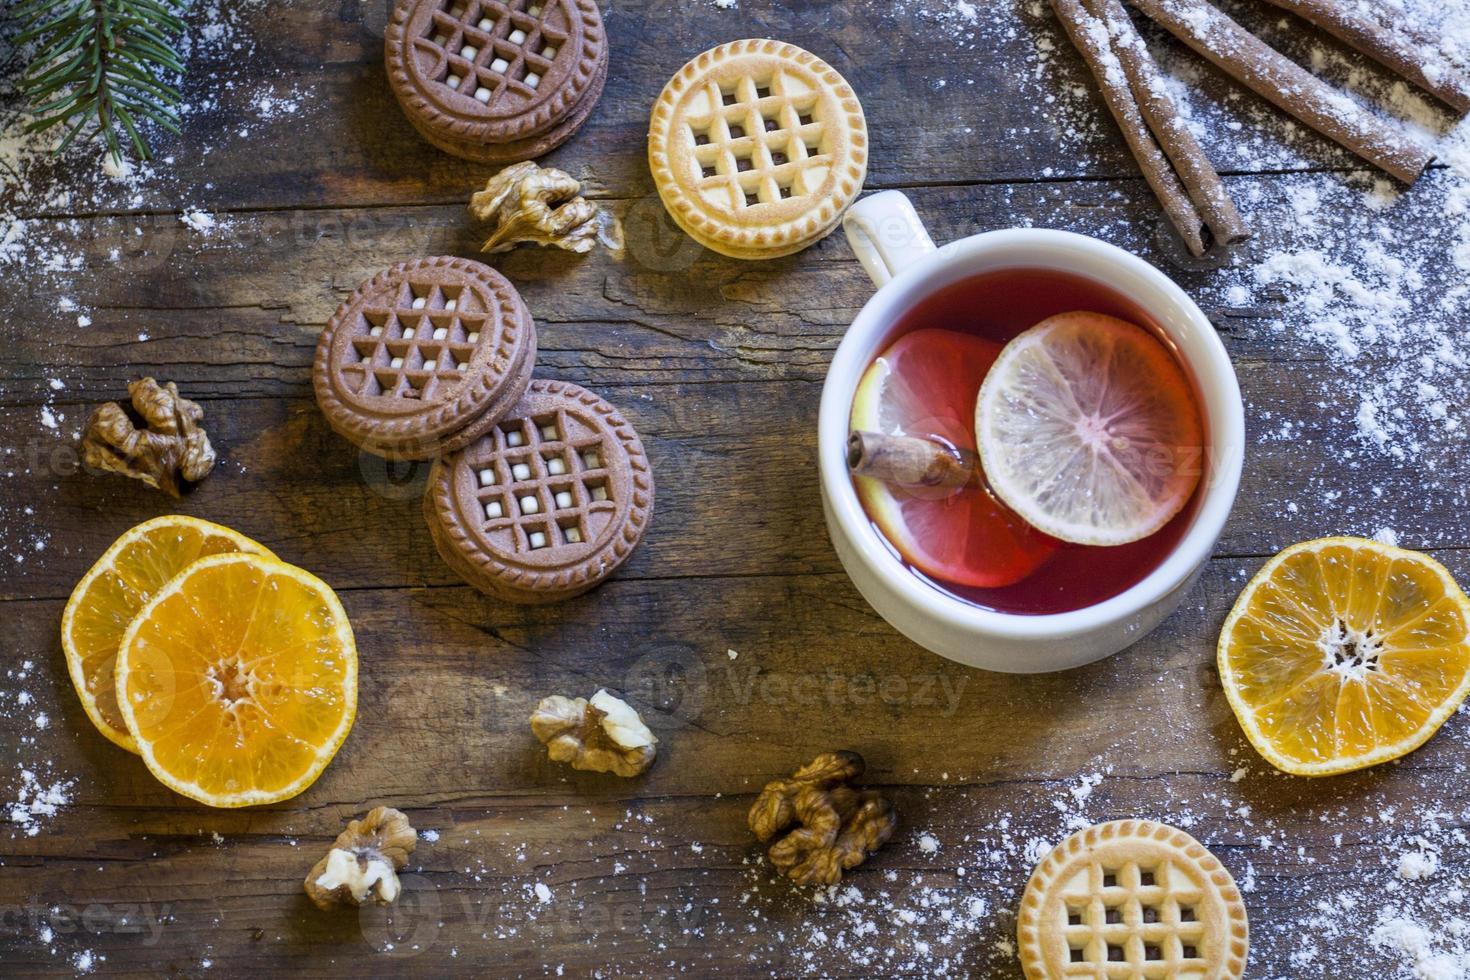 Té, mandarinas y galletas en decoración navideña foto